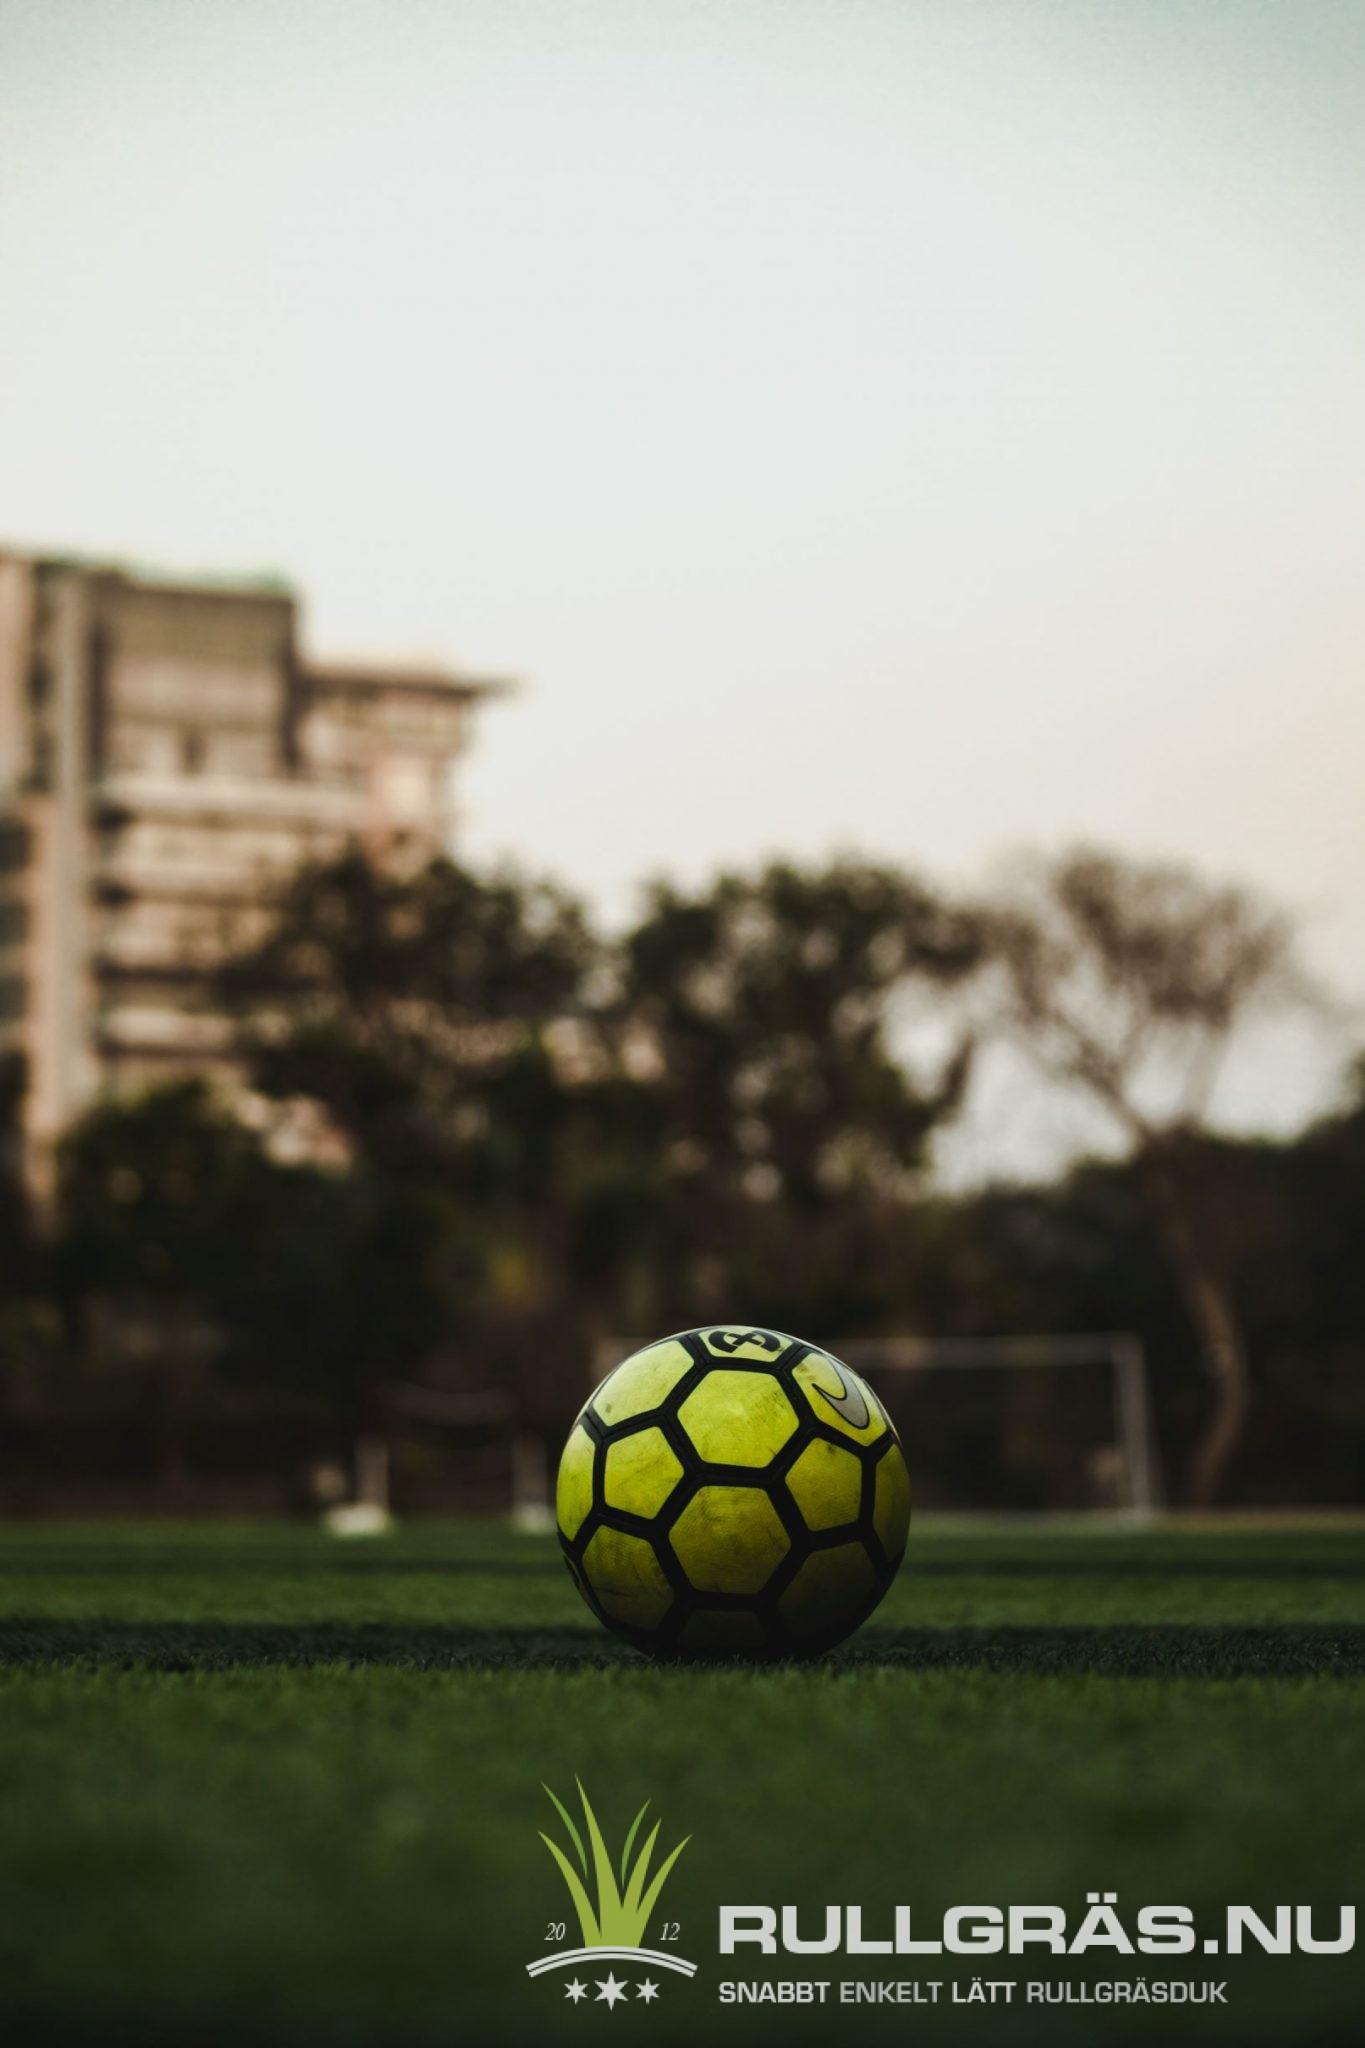 Rullgräs.nu Fotbollsgräs Fotbollsplan Gräsmatta Rullgräs.nu